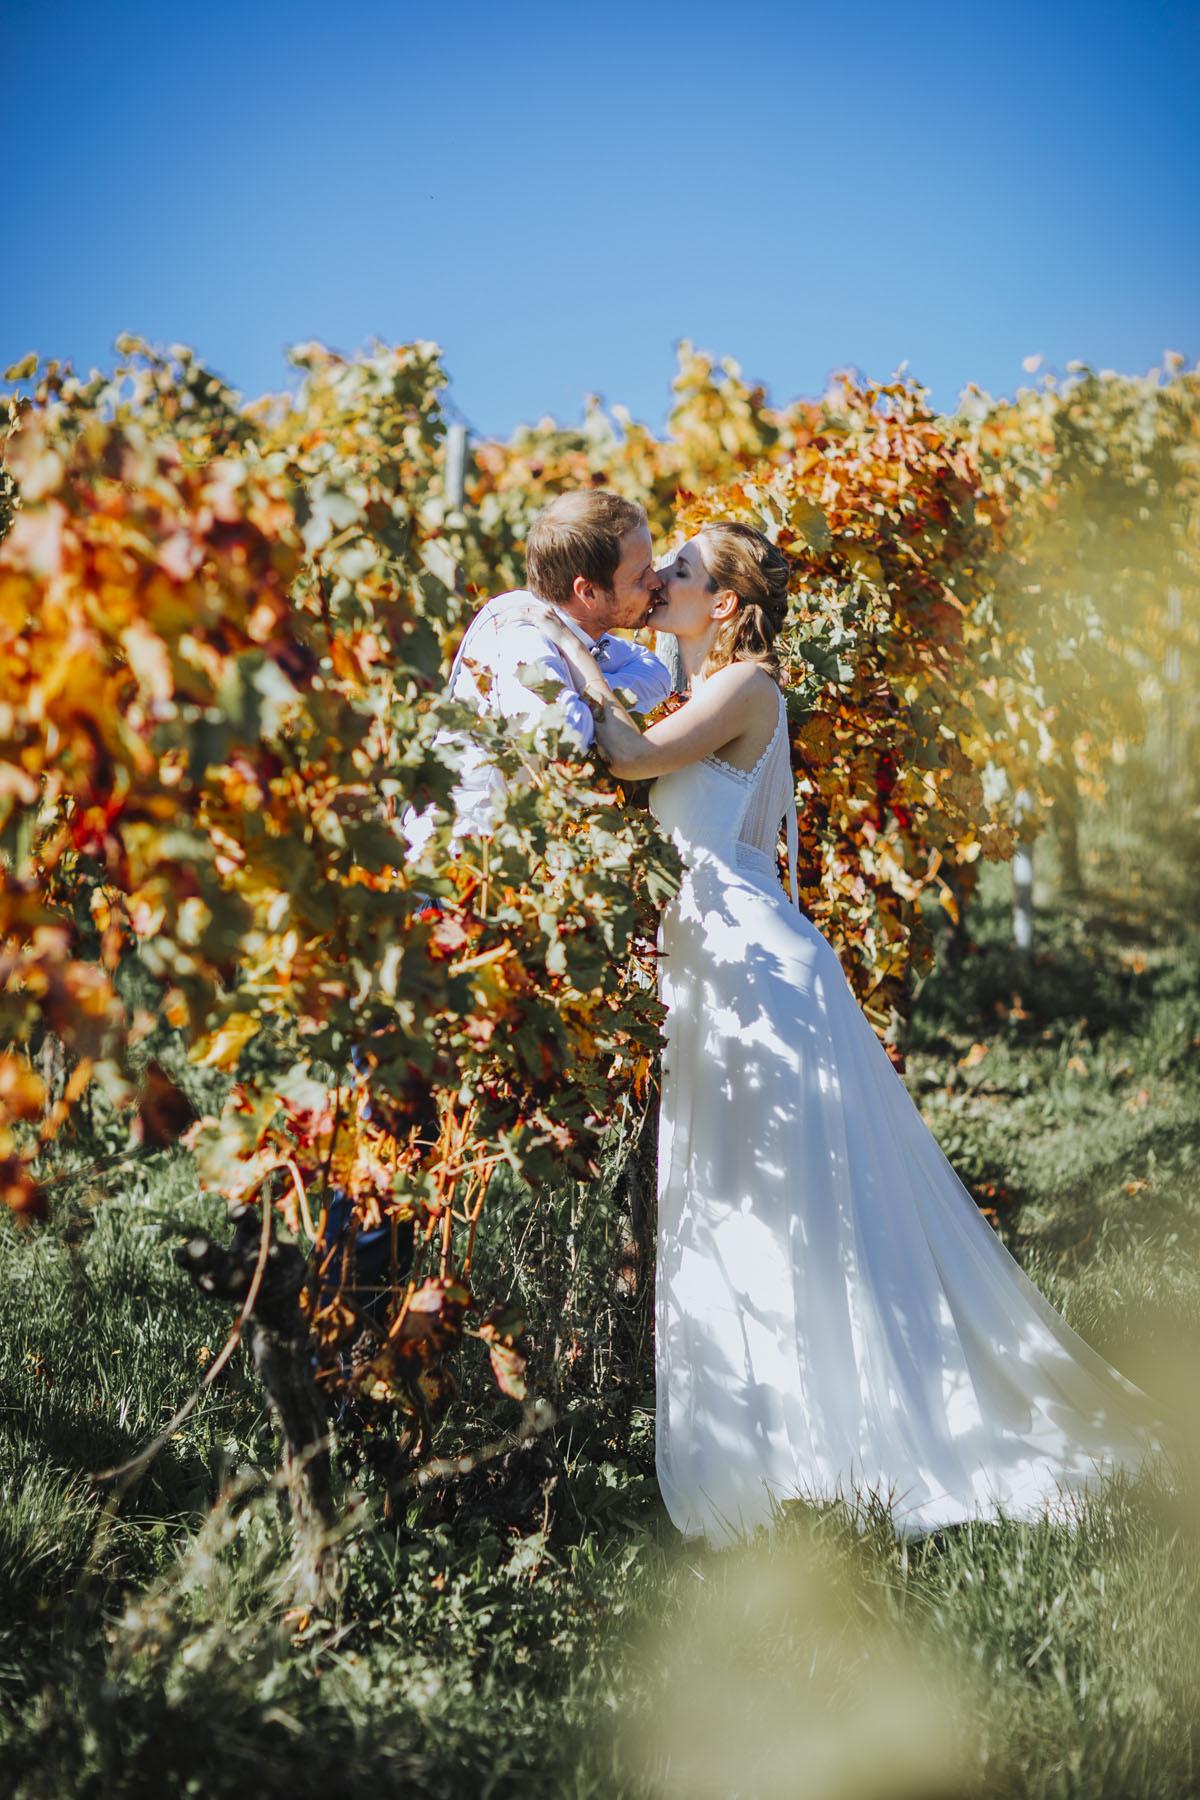 Caro + Chris | Herbstliche Hochzeit auf Hof Herzberg - Fotografin Guelten Hamidanoglu Koeln Hochzeiten Hochzeitsfotos  228